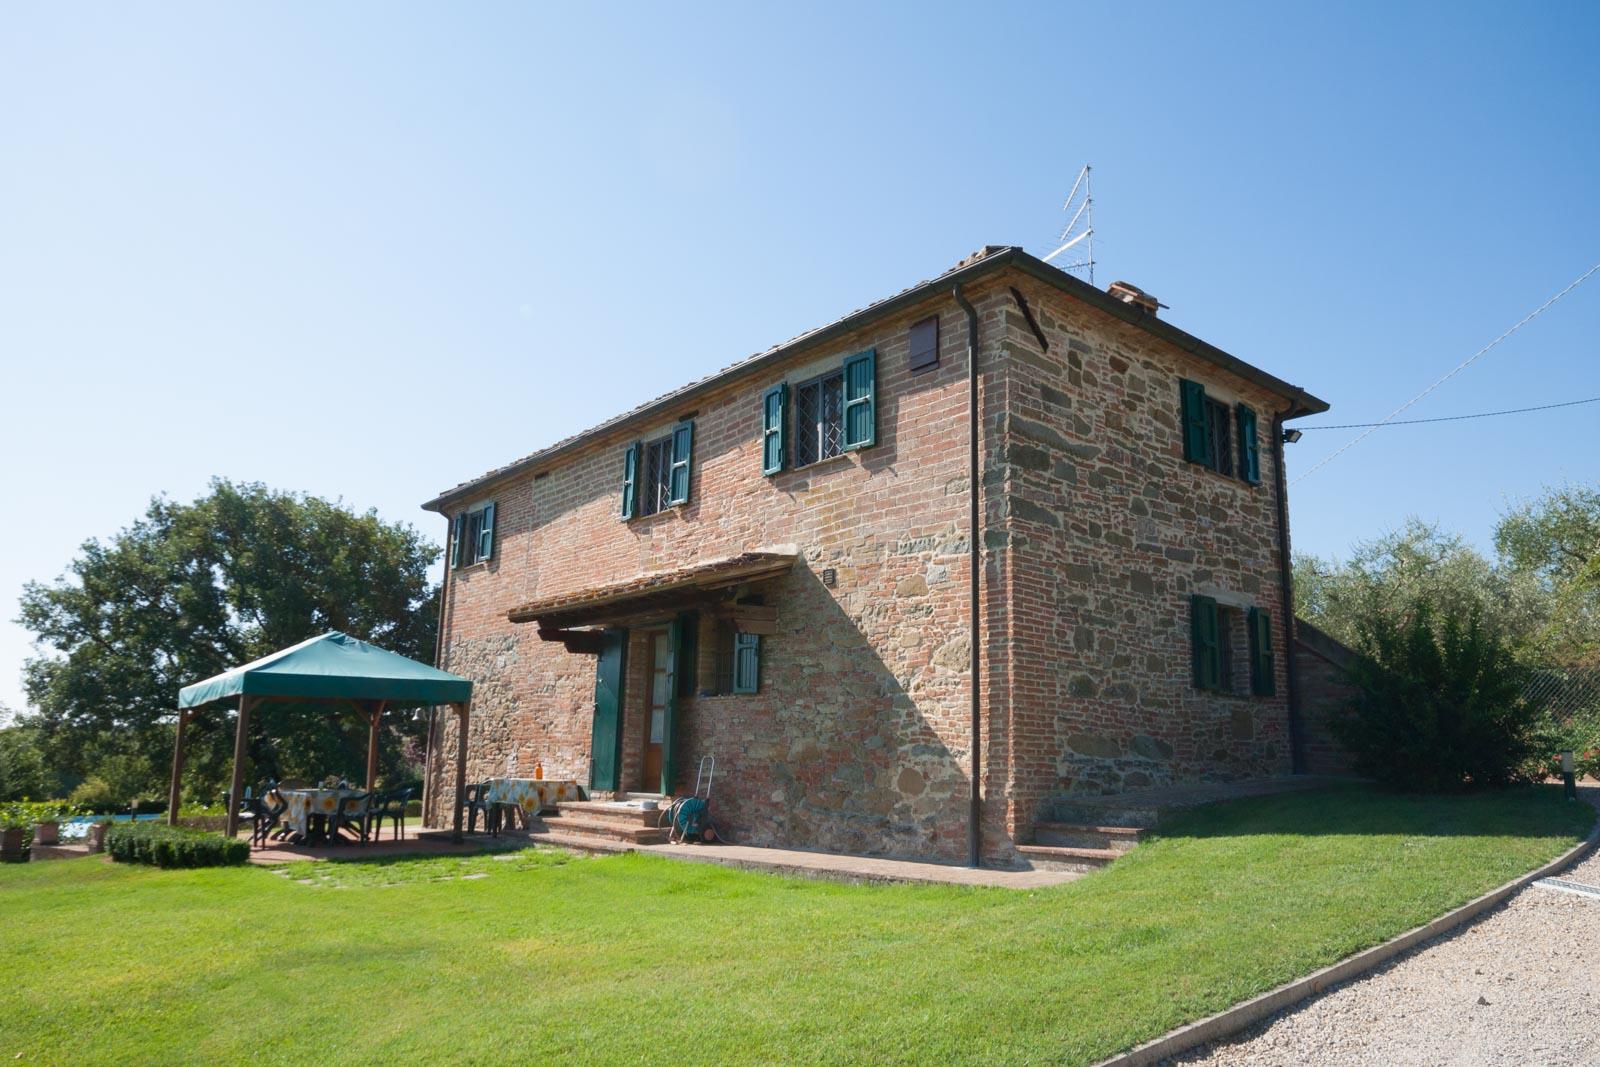 Toskanisches Natursteinhaus mit gepflegtem Garten in klassischem Toskana-Setting